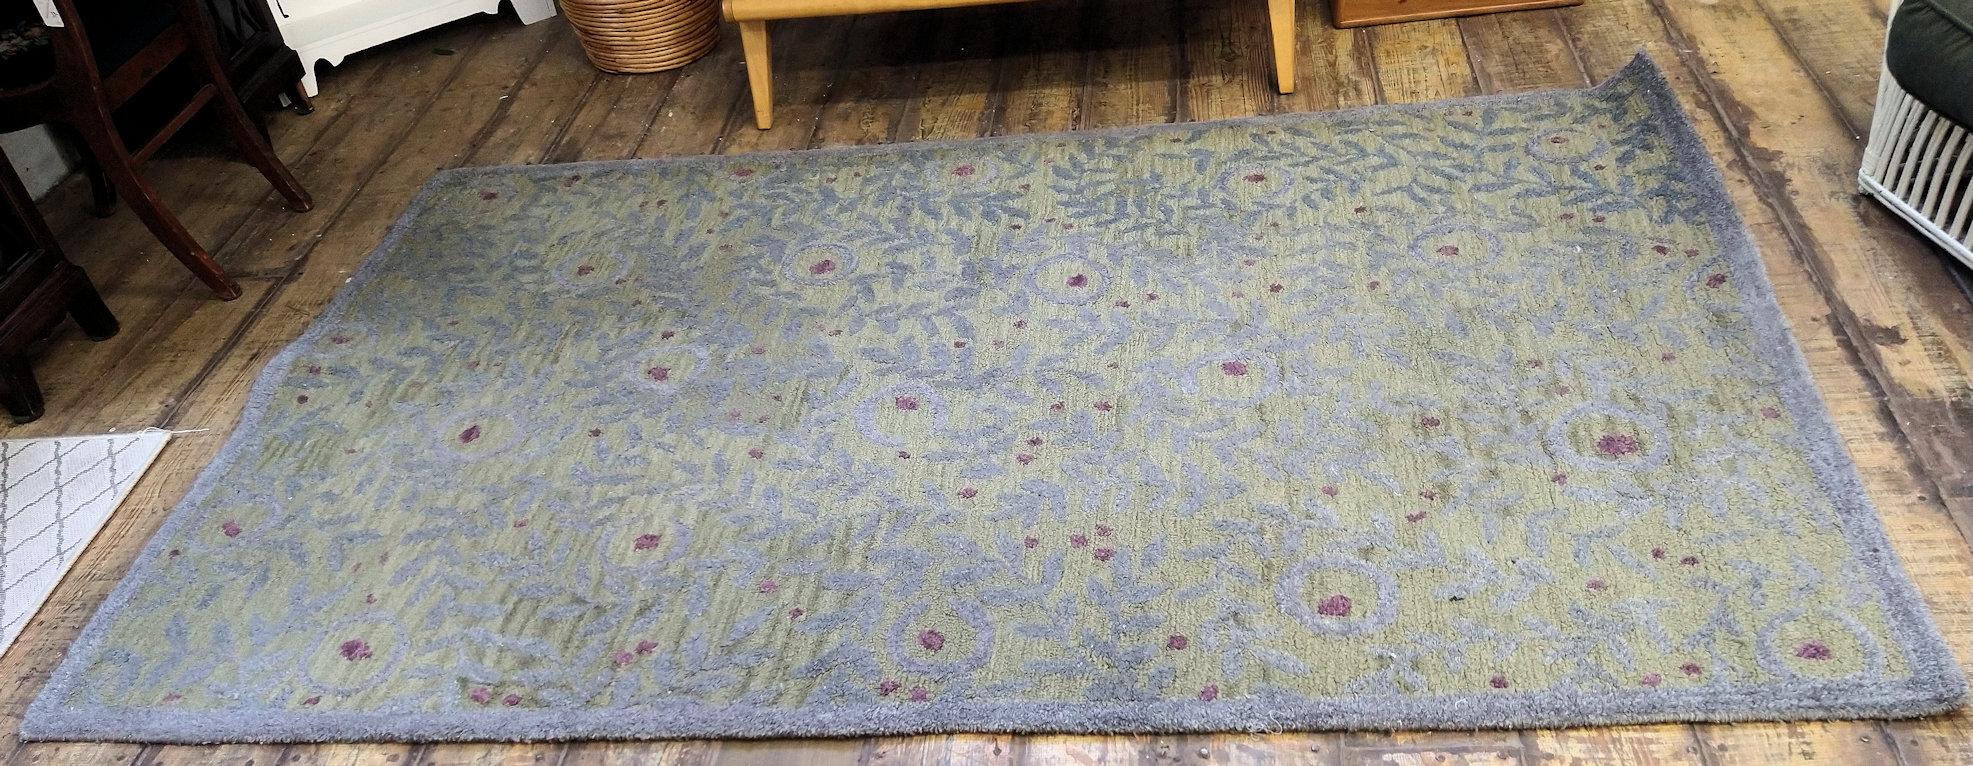 KK0187-wool-pattern-rug